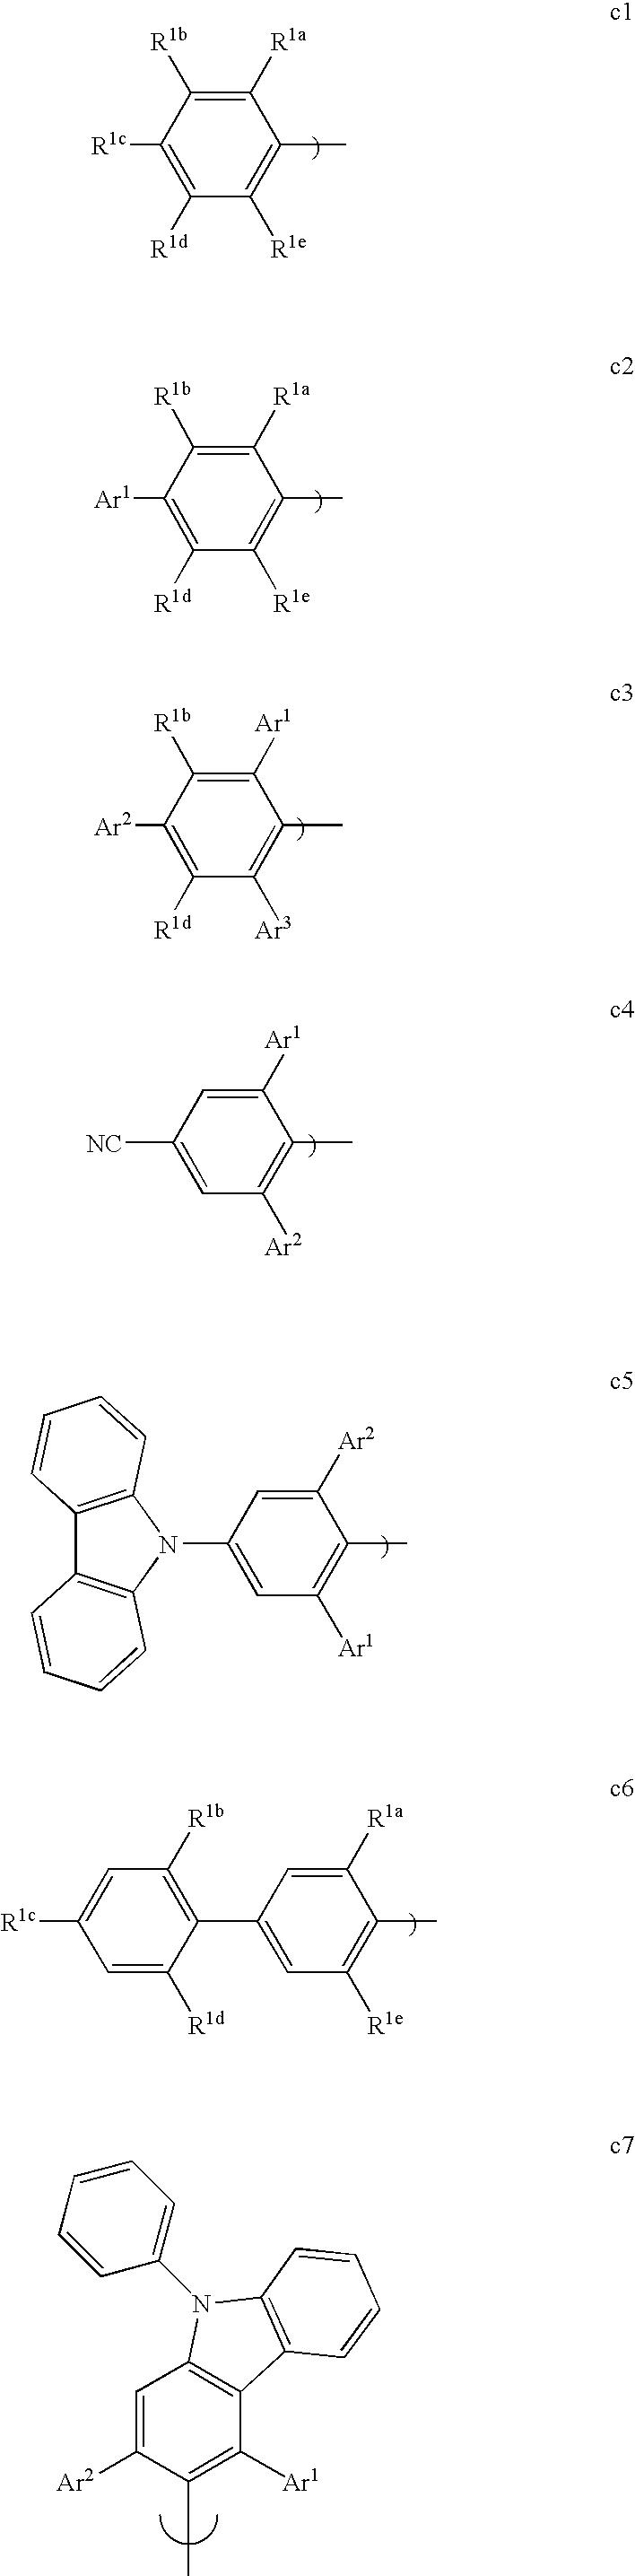 Figure US20070088167A1-20070419-C00005